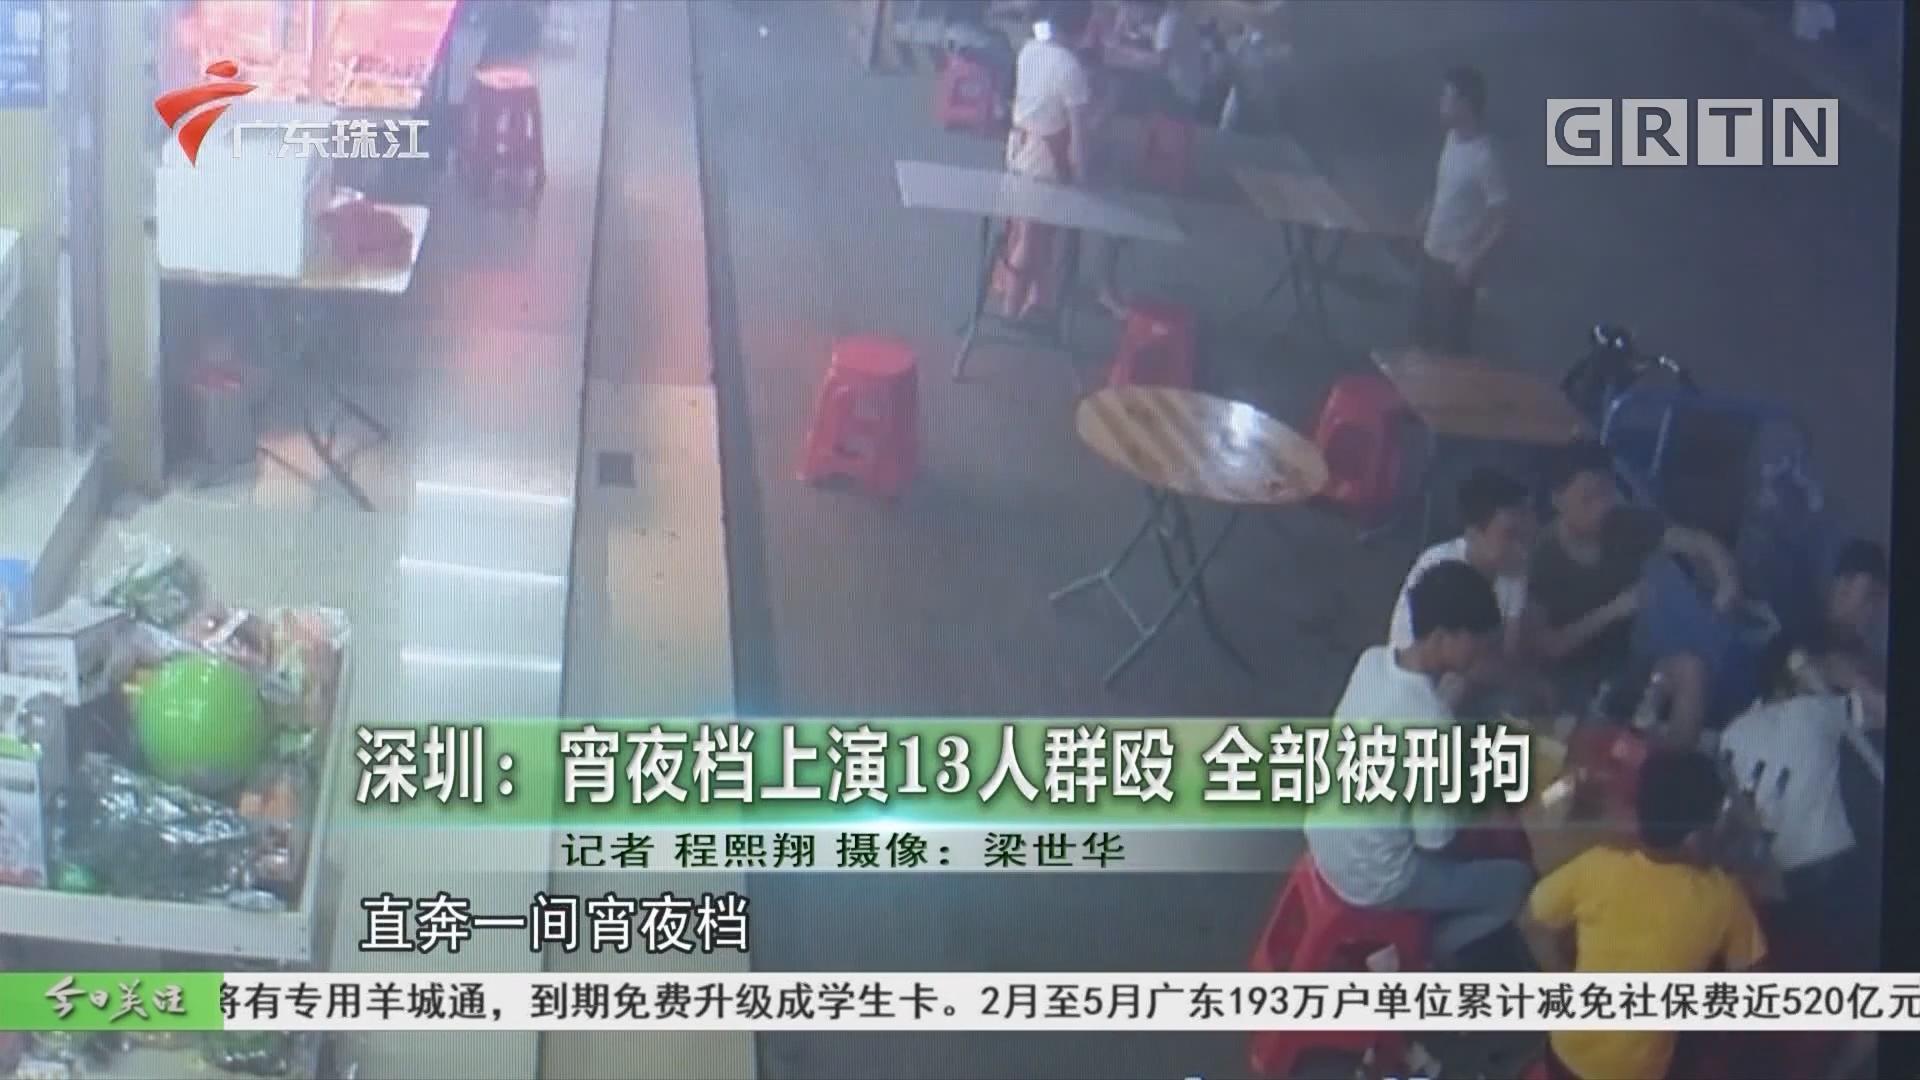 深圳:宵夜档上演13人群殴 全部被刑拘